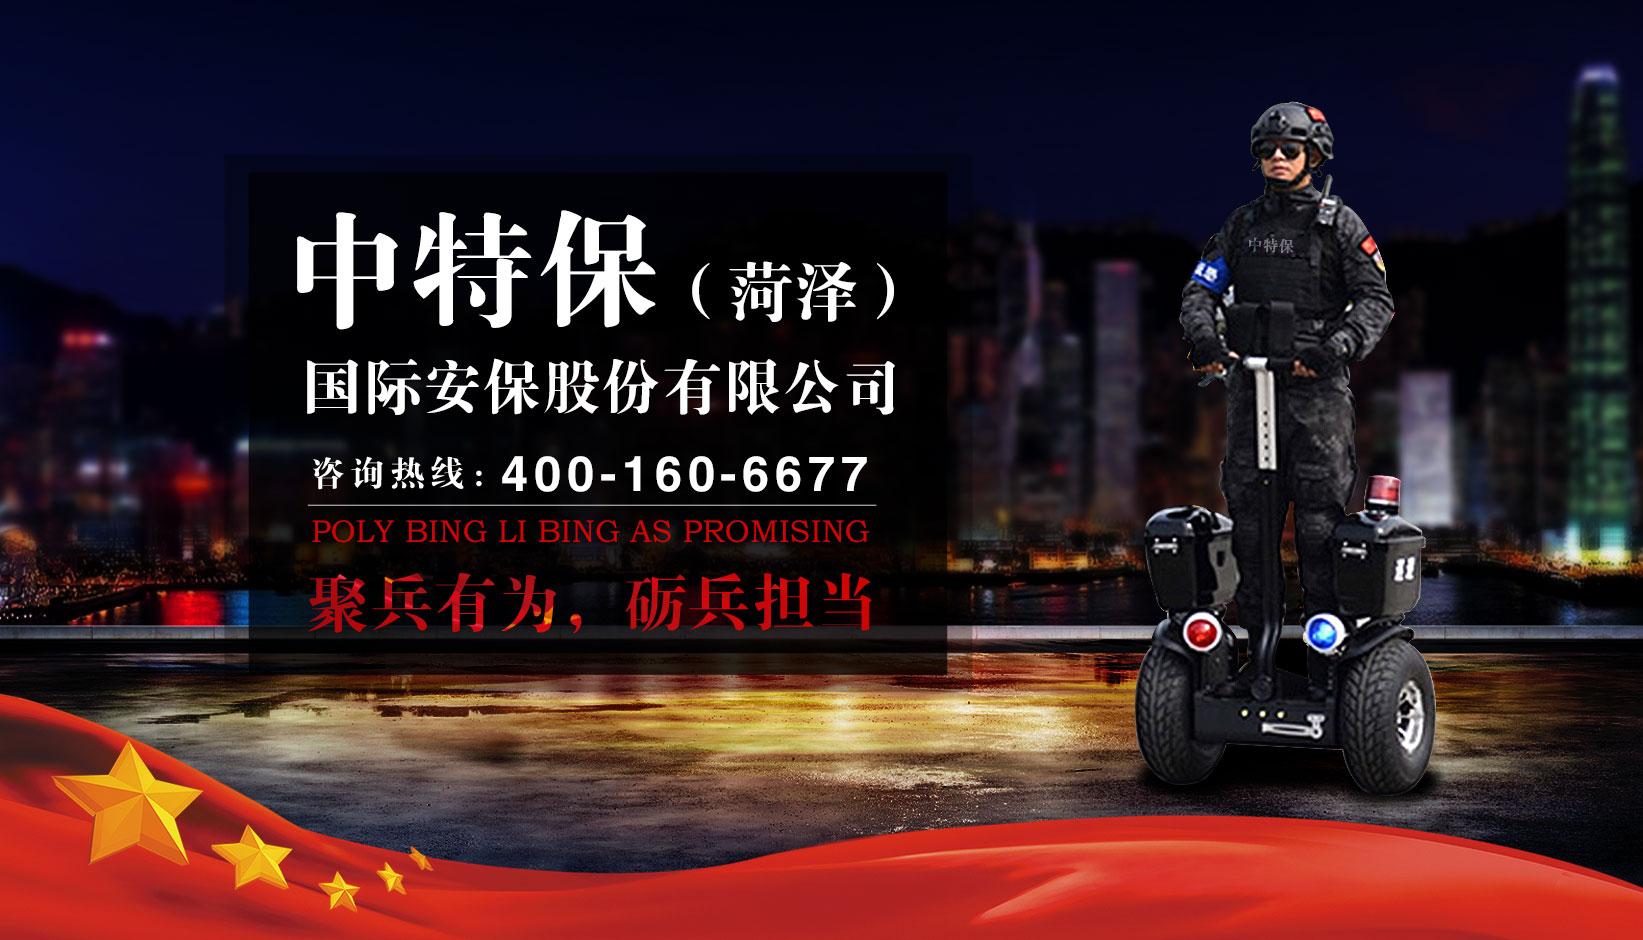 http://www.hzzhongtebao.com/infomation